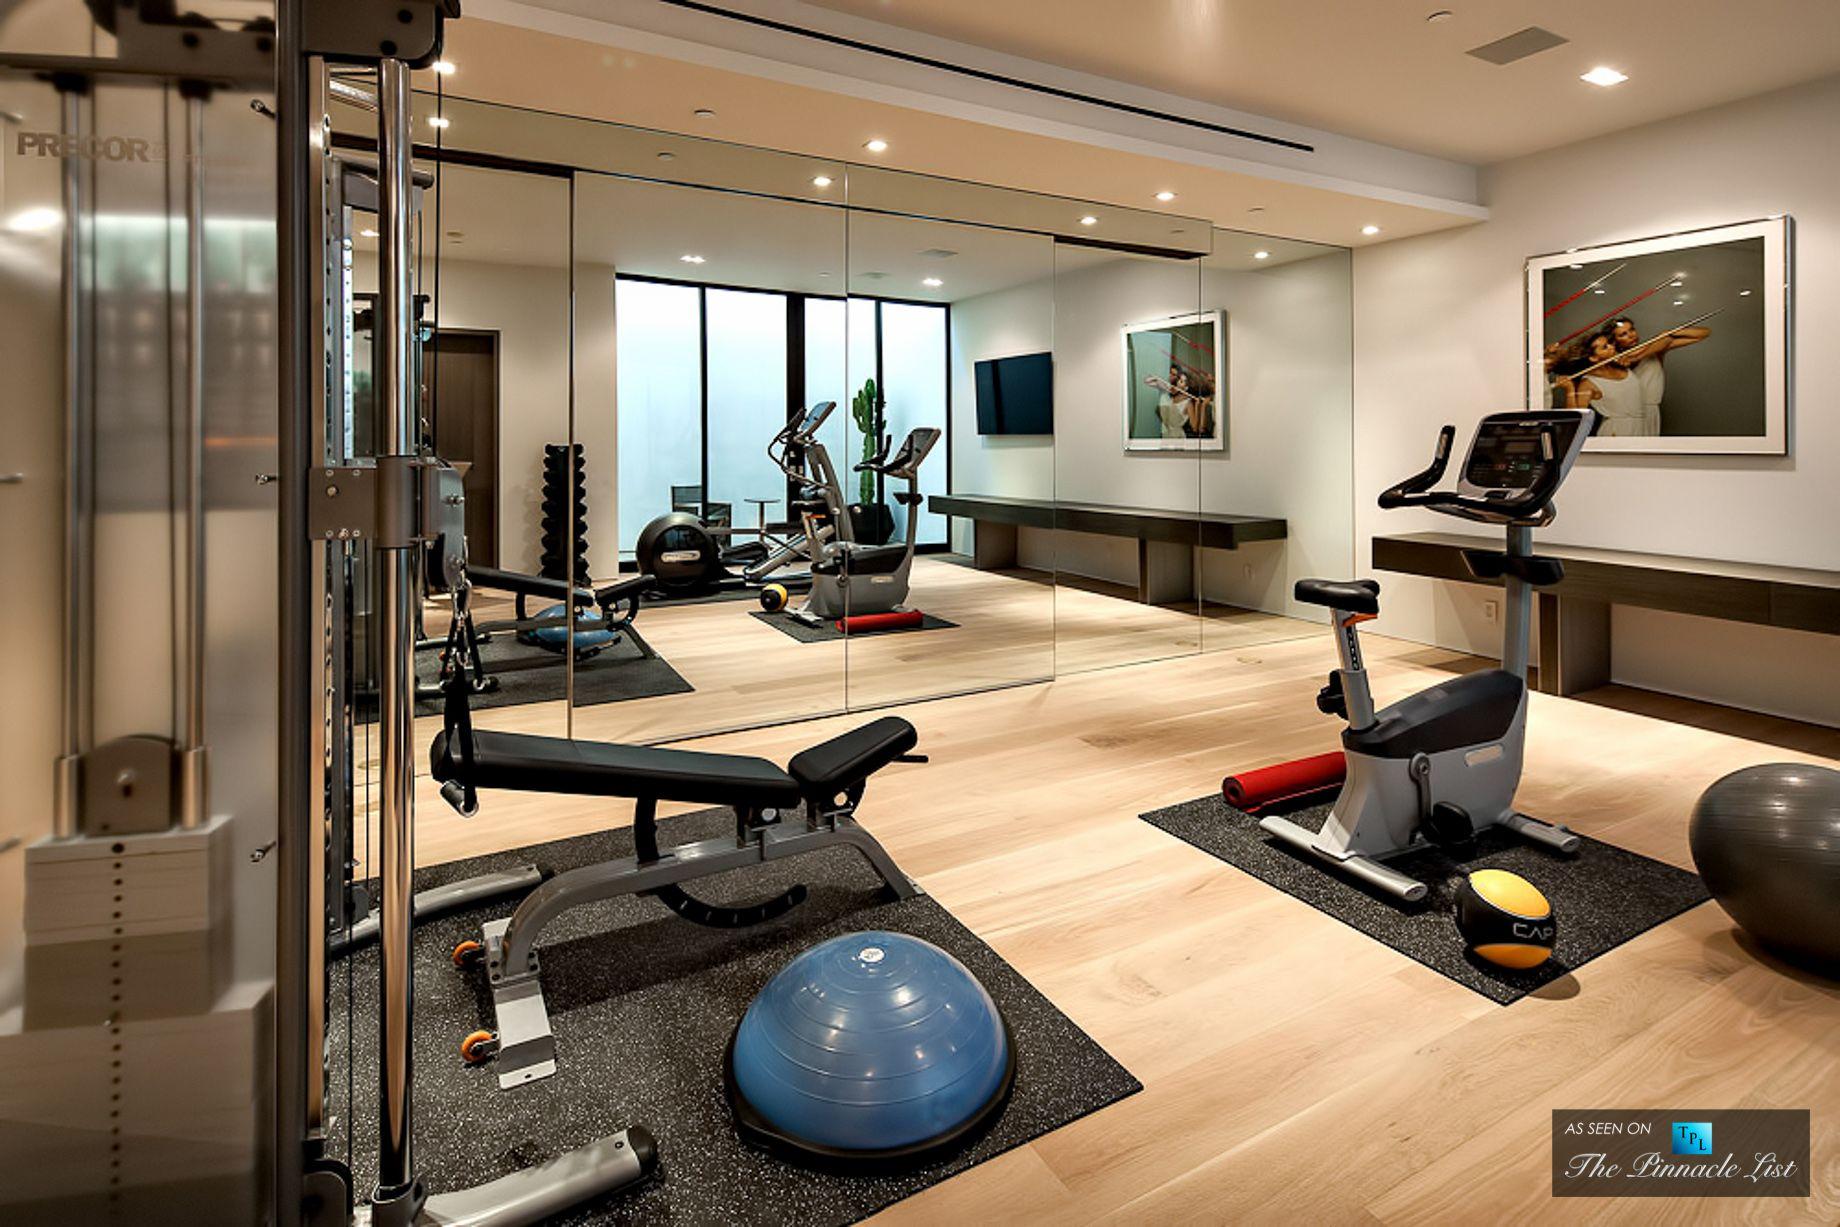 Interior gym shop home gym material home gym essentials home gym